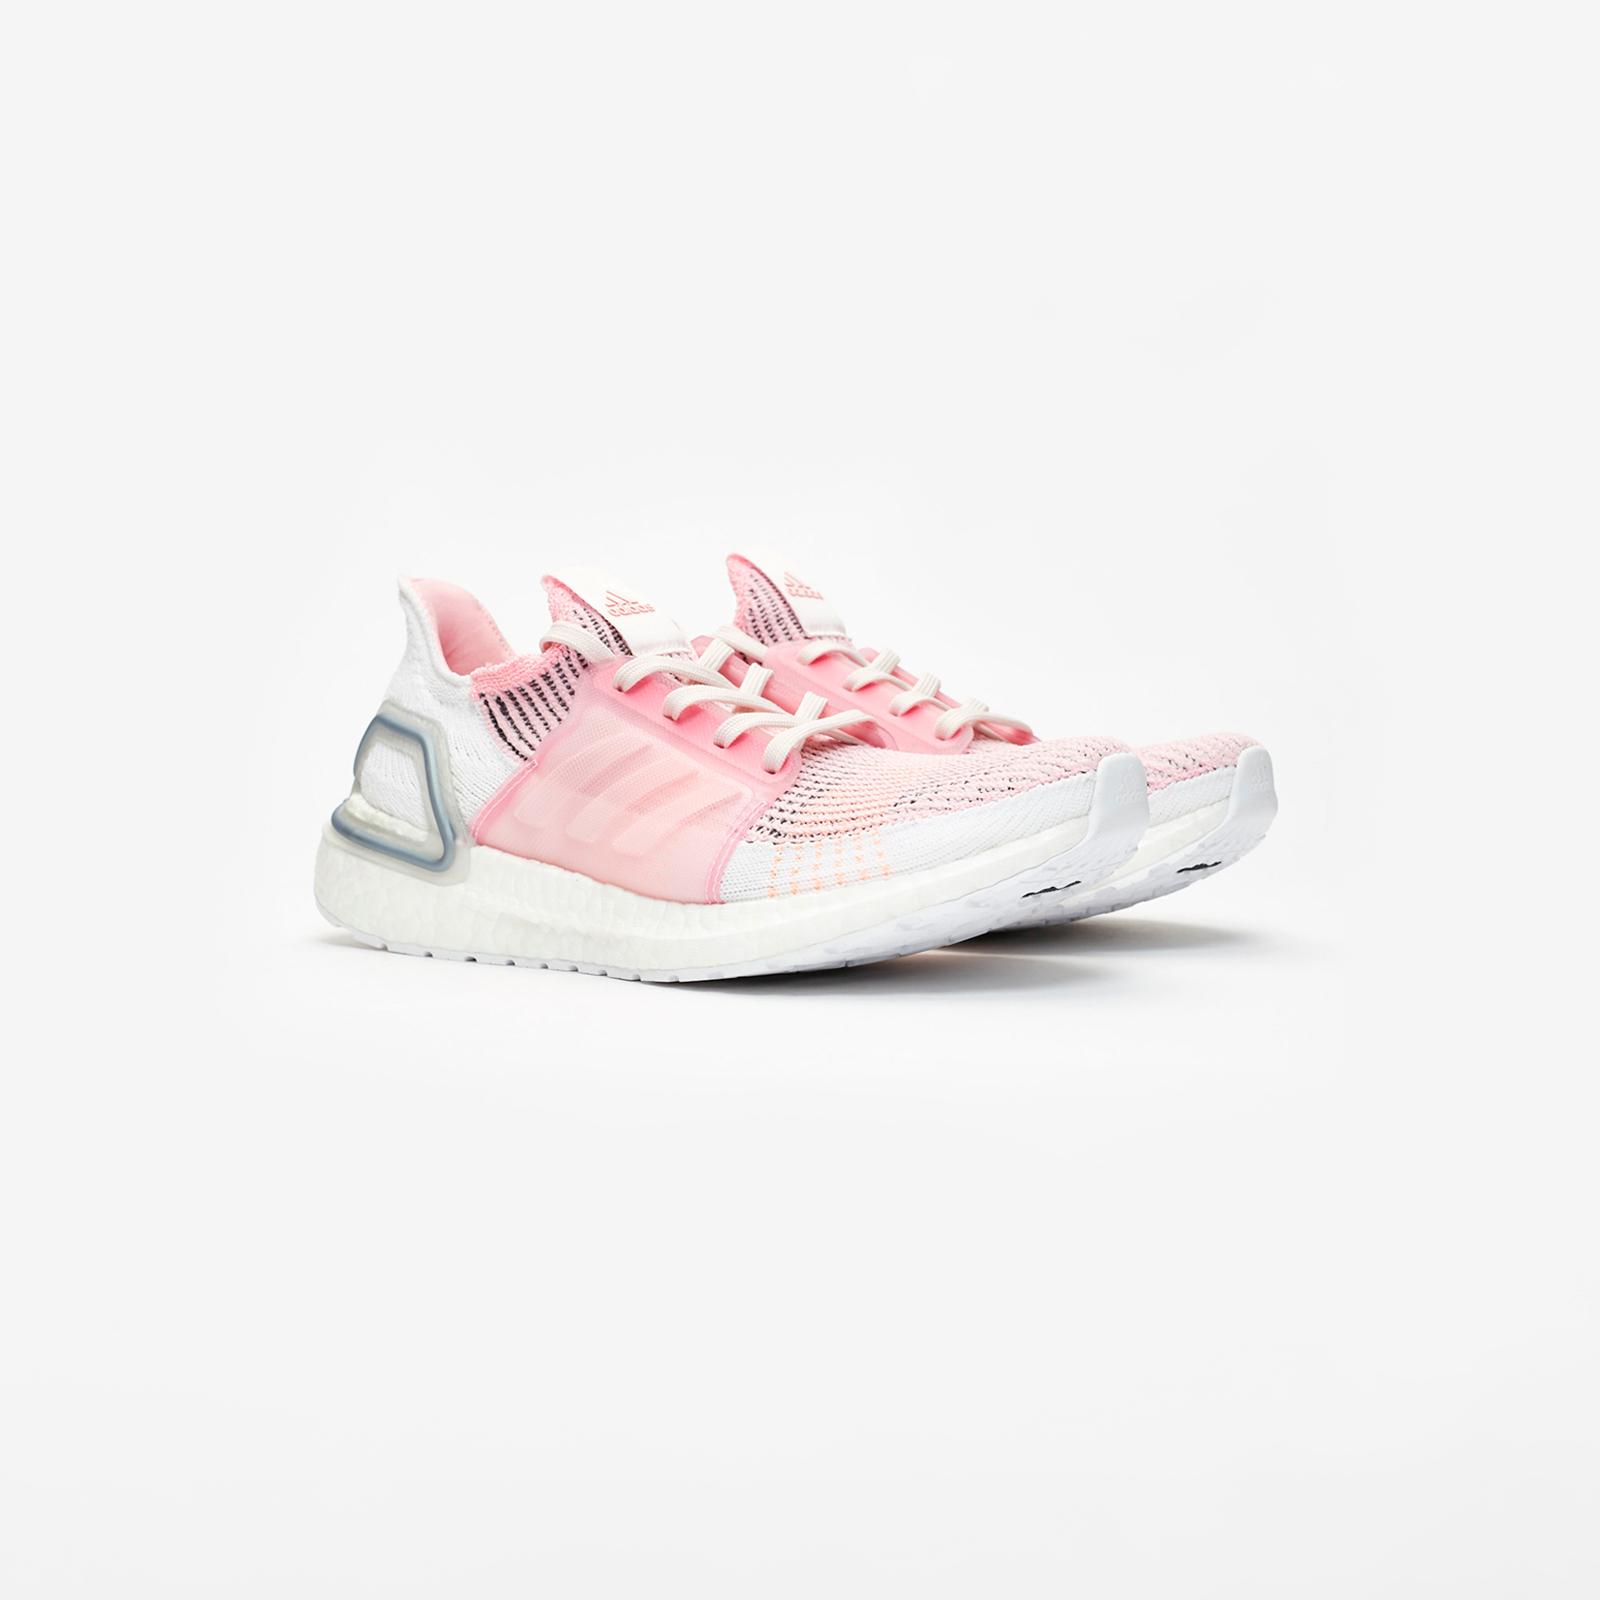 f41d6c20b6a adidas Ultraboost 19 W - F35283 - Sneakersnstuff